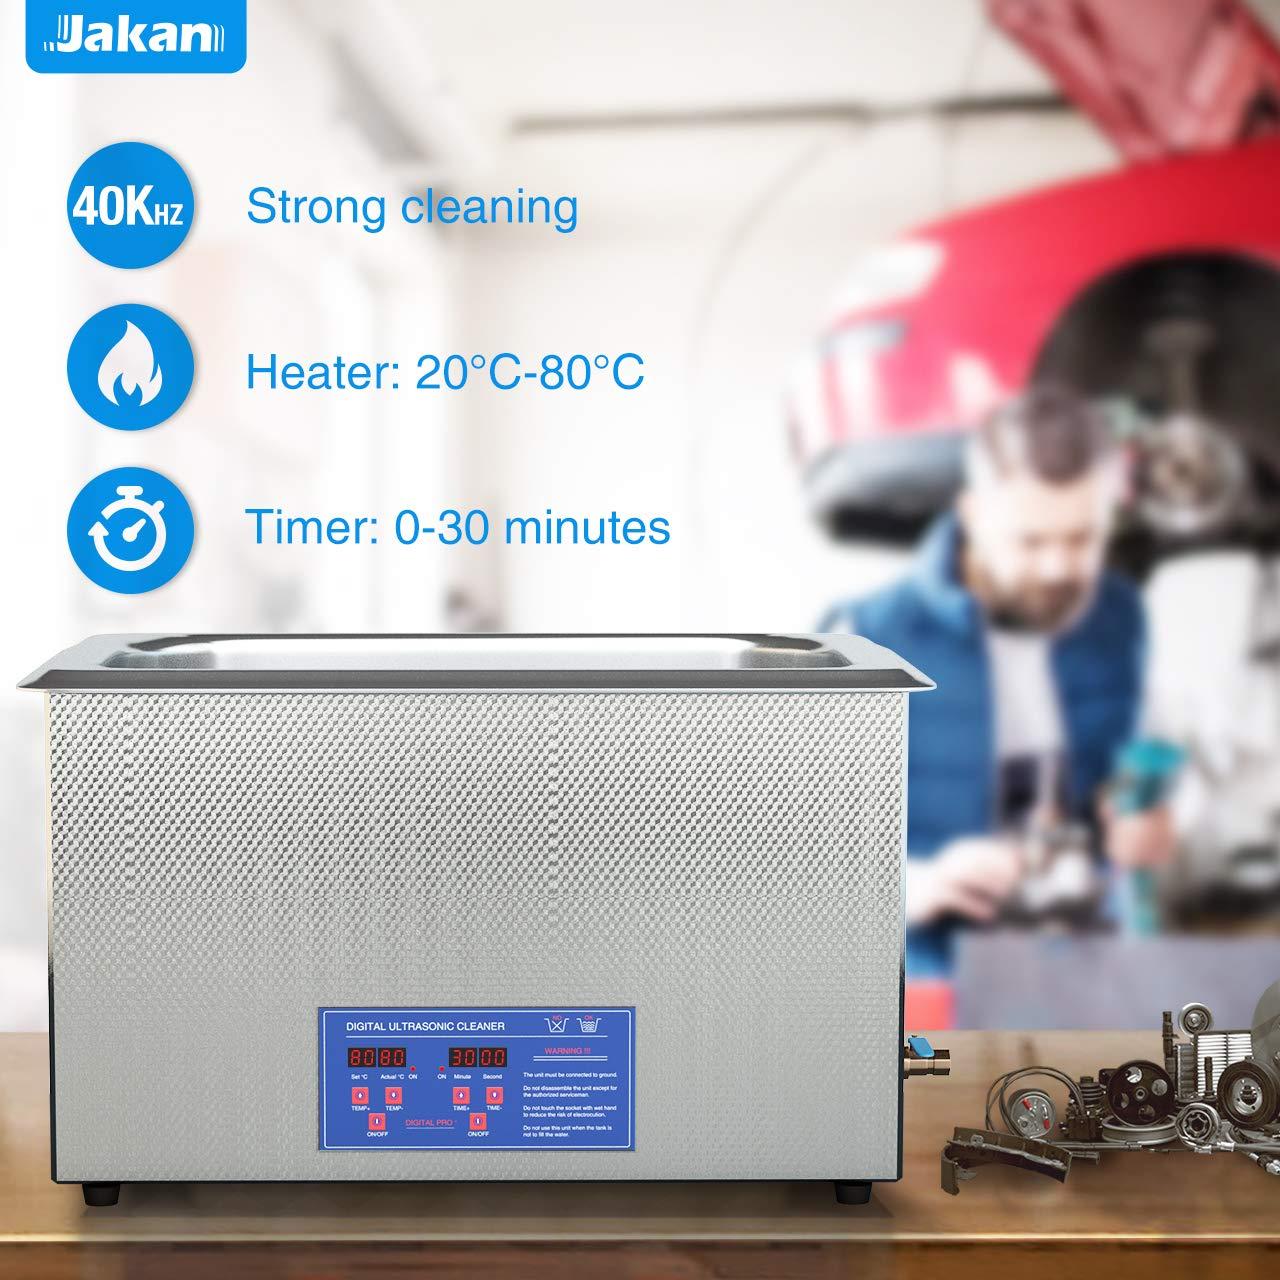 Limpiador ultrasónico Limpieza dispositivo Jakan Digital ultraschallreinigungsgerät 30L limpiador ultrasónico Acero Inoxidable Baño con calefactor 40 kHz ...